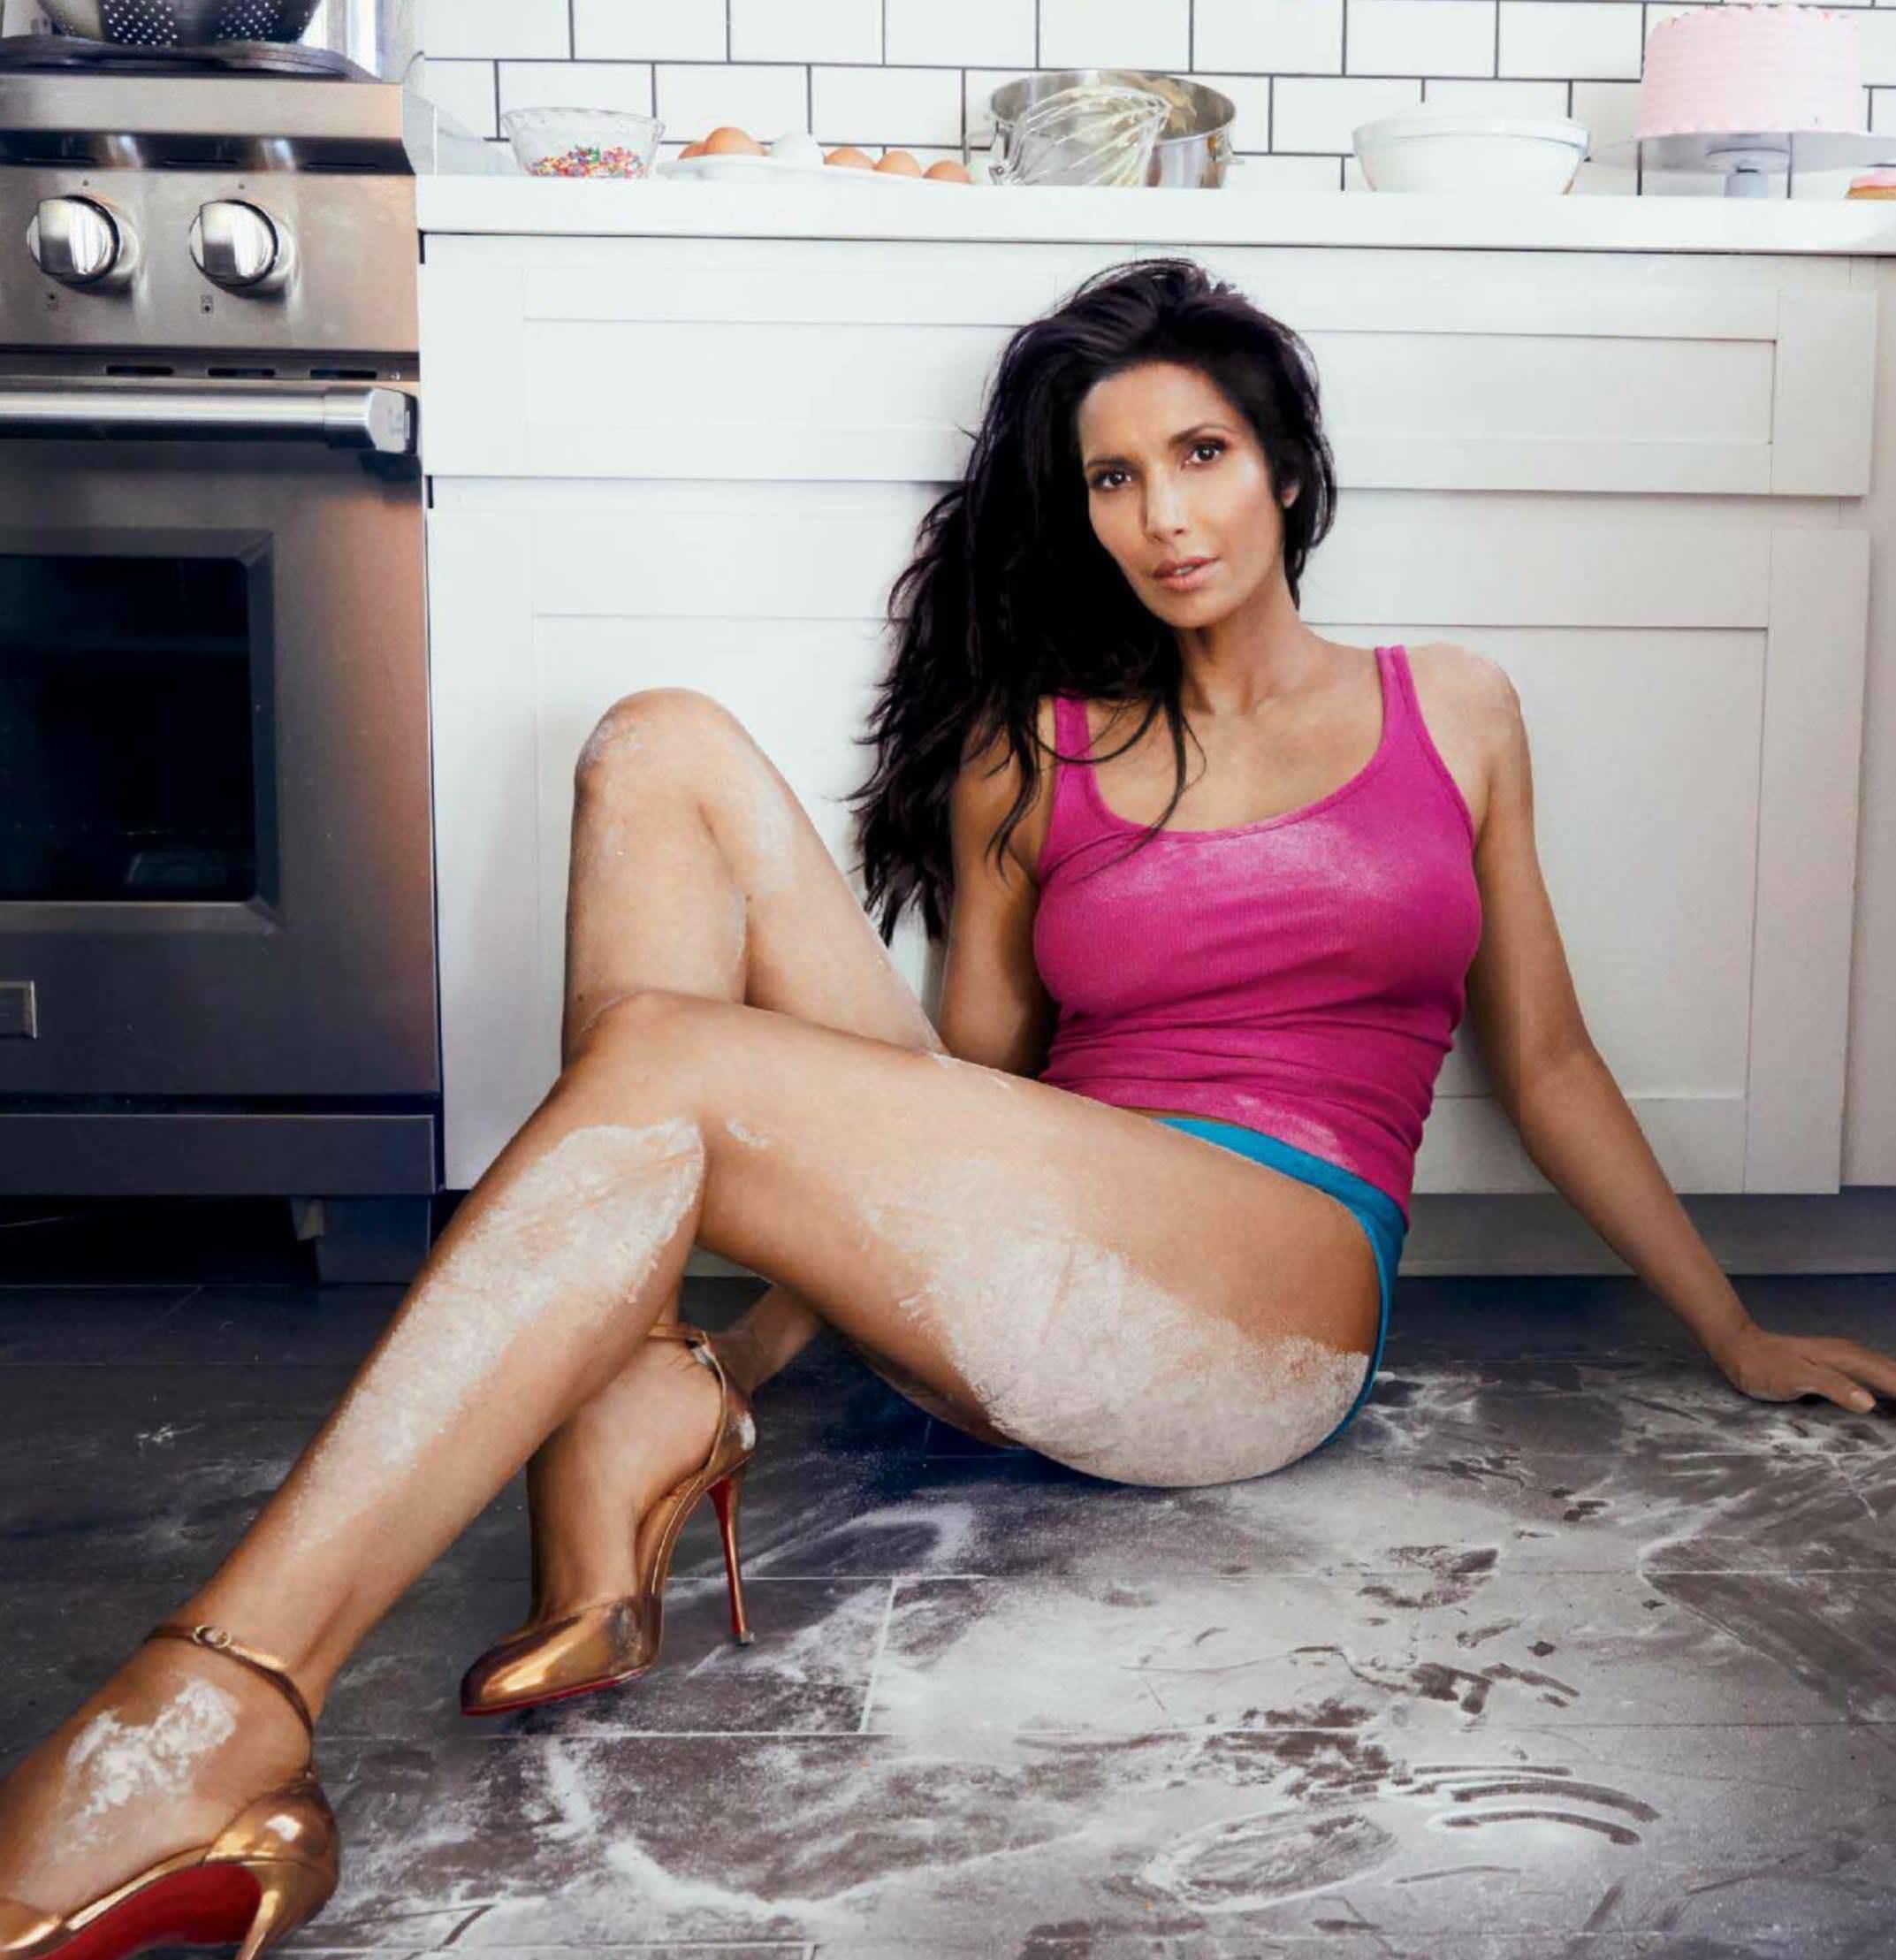 Padma Lakshmi Nude Pics Crossword Buy Balvubjc